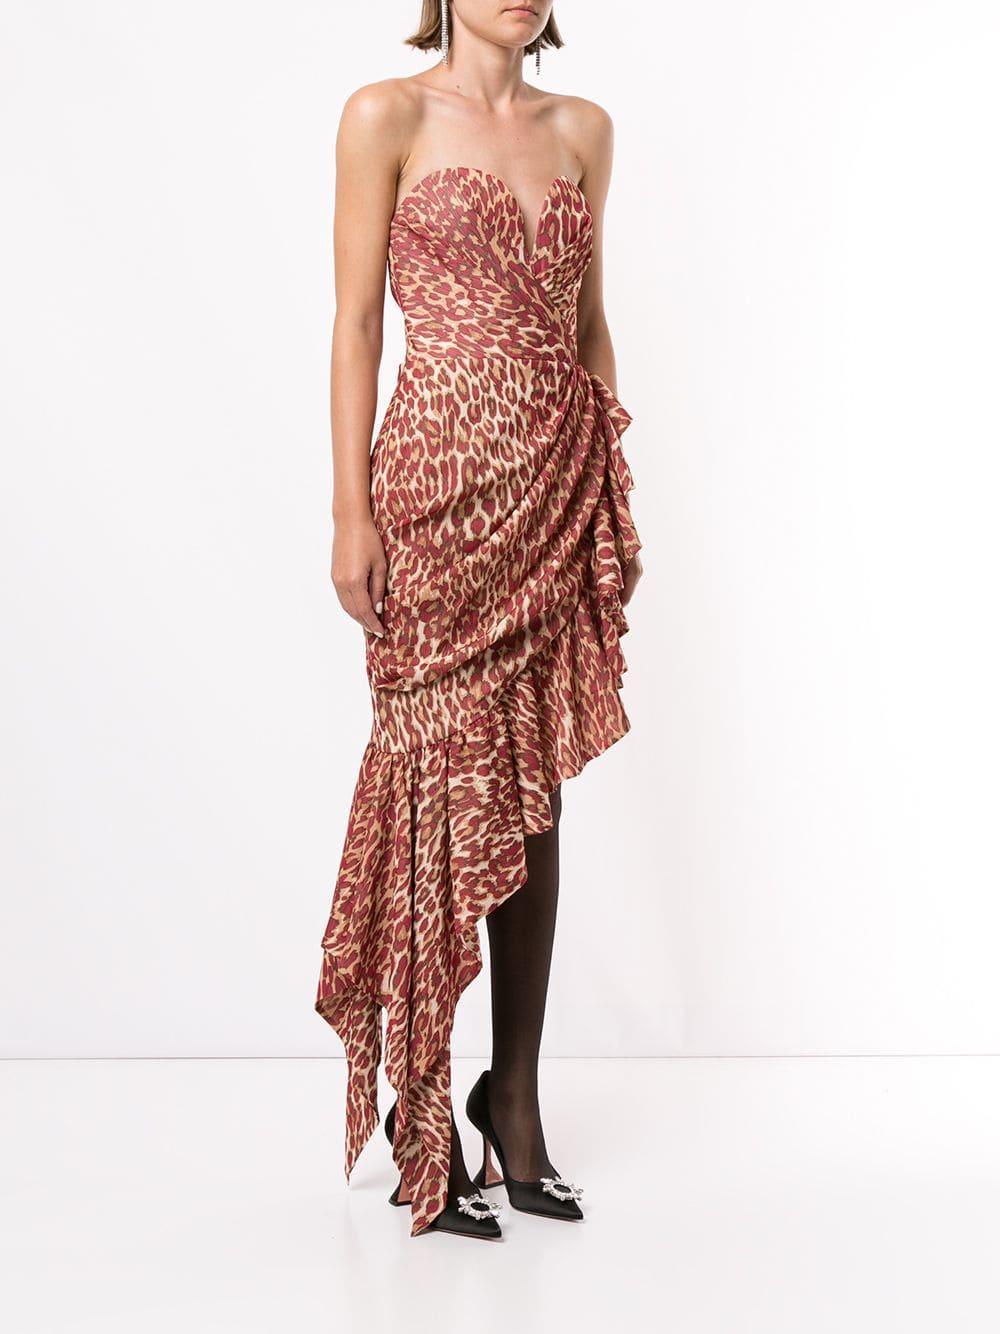 Vestido asimétrico con estampado de leopardo Rasario de Tejido sintético de color Rojo